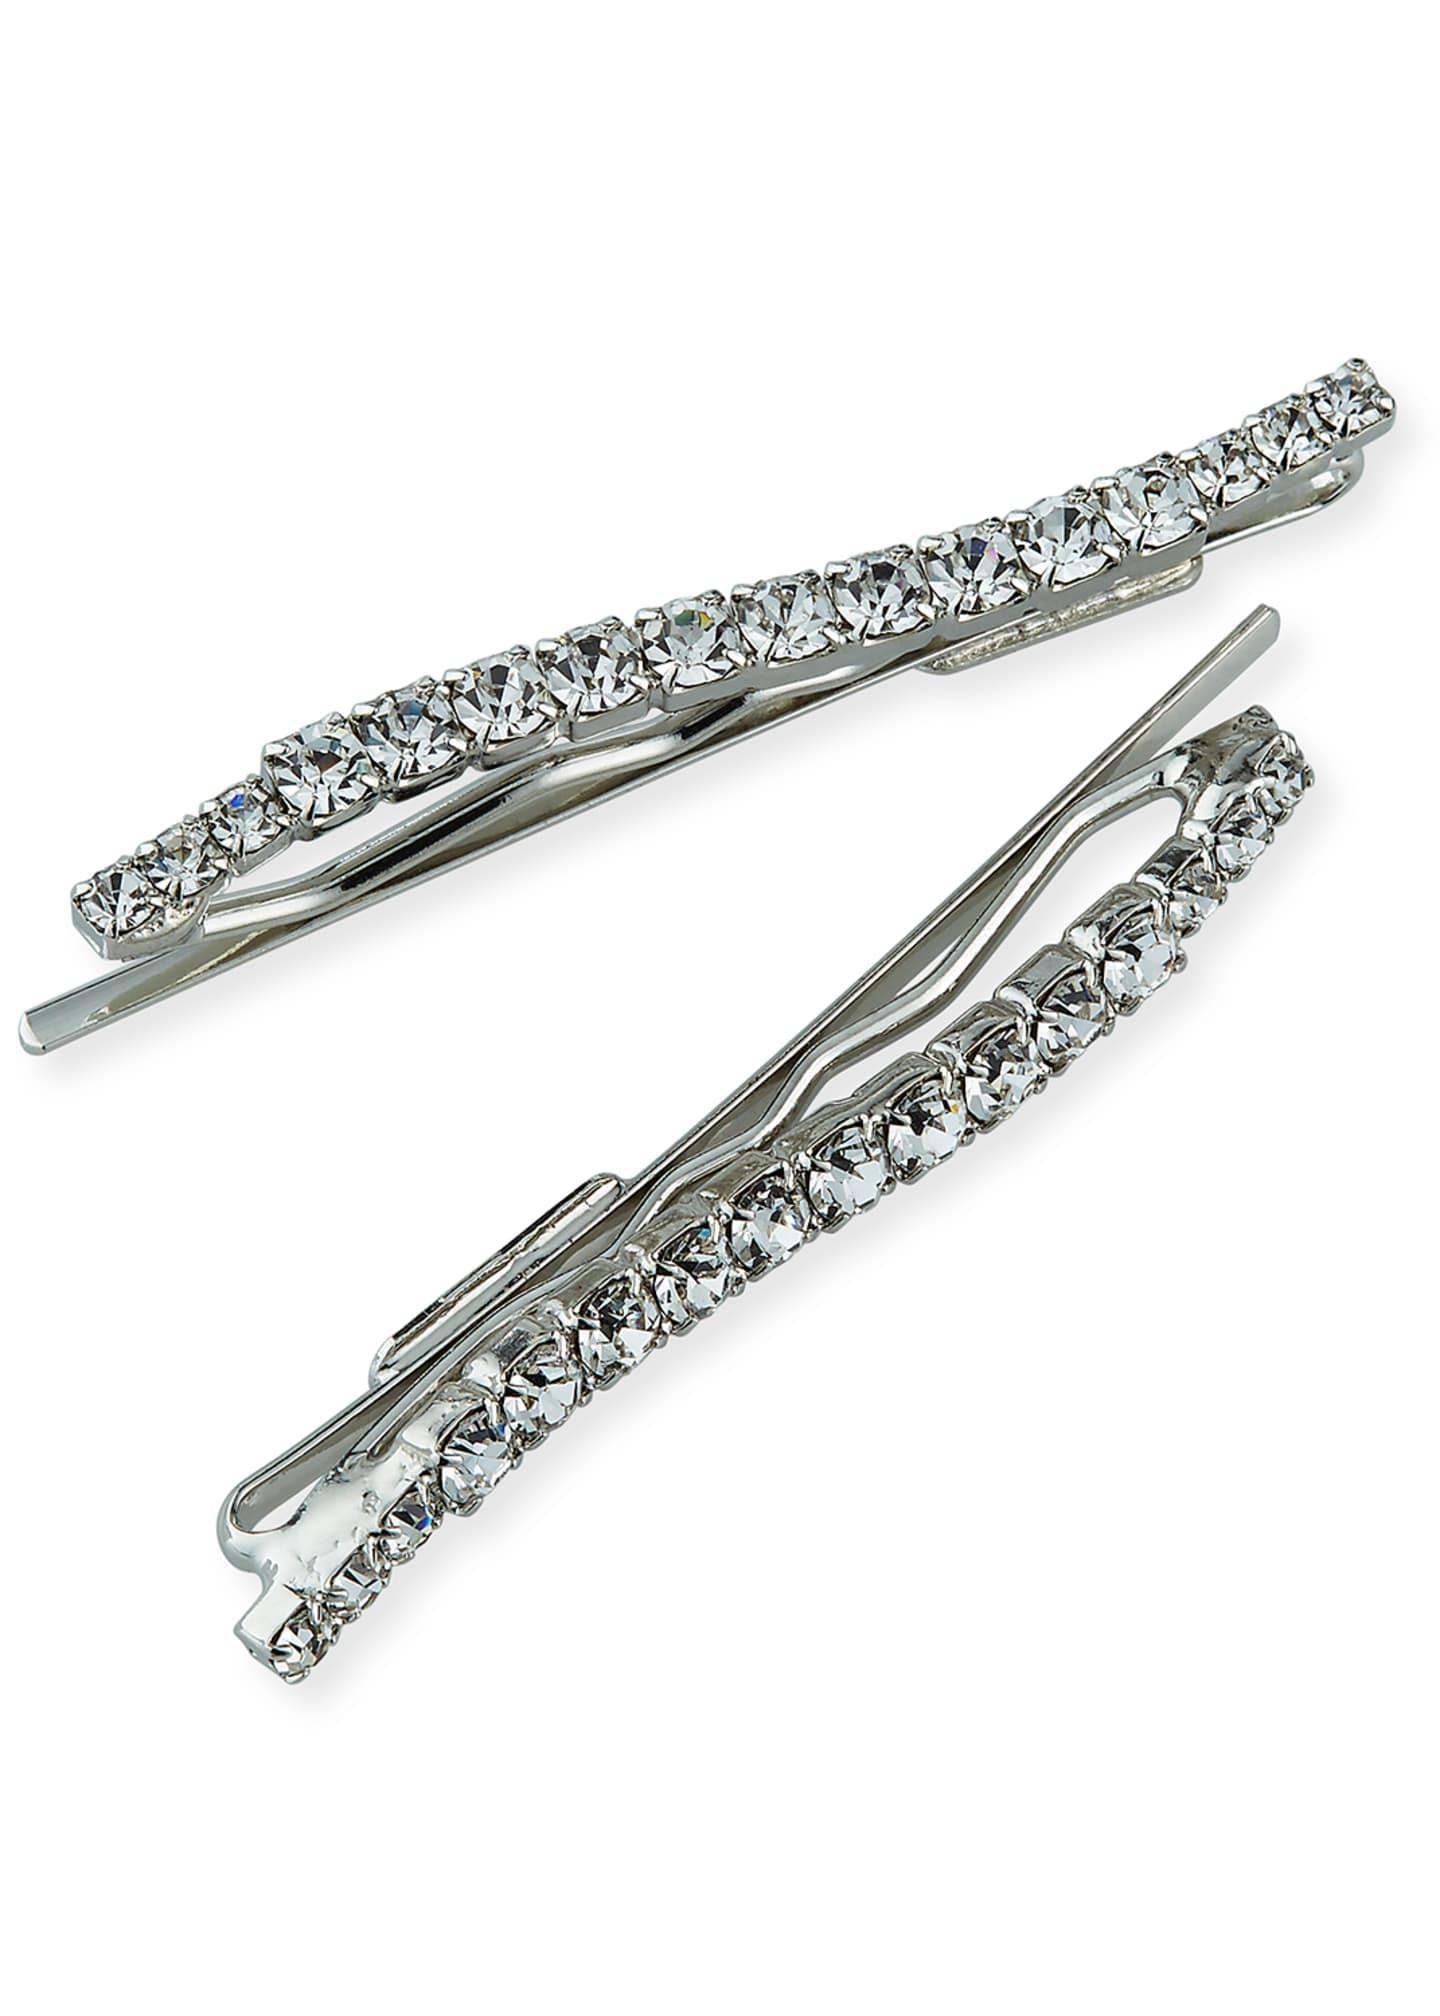 Epona Valley Wavy Swarovski Crystal Bobby Pins, Set